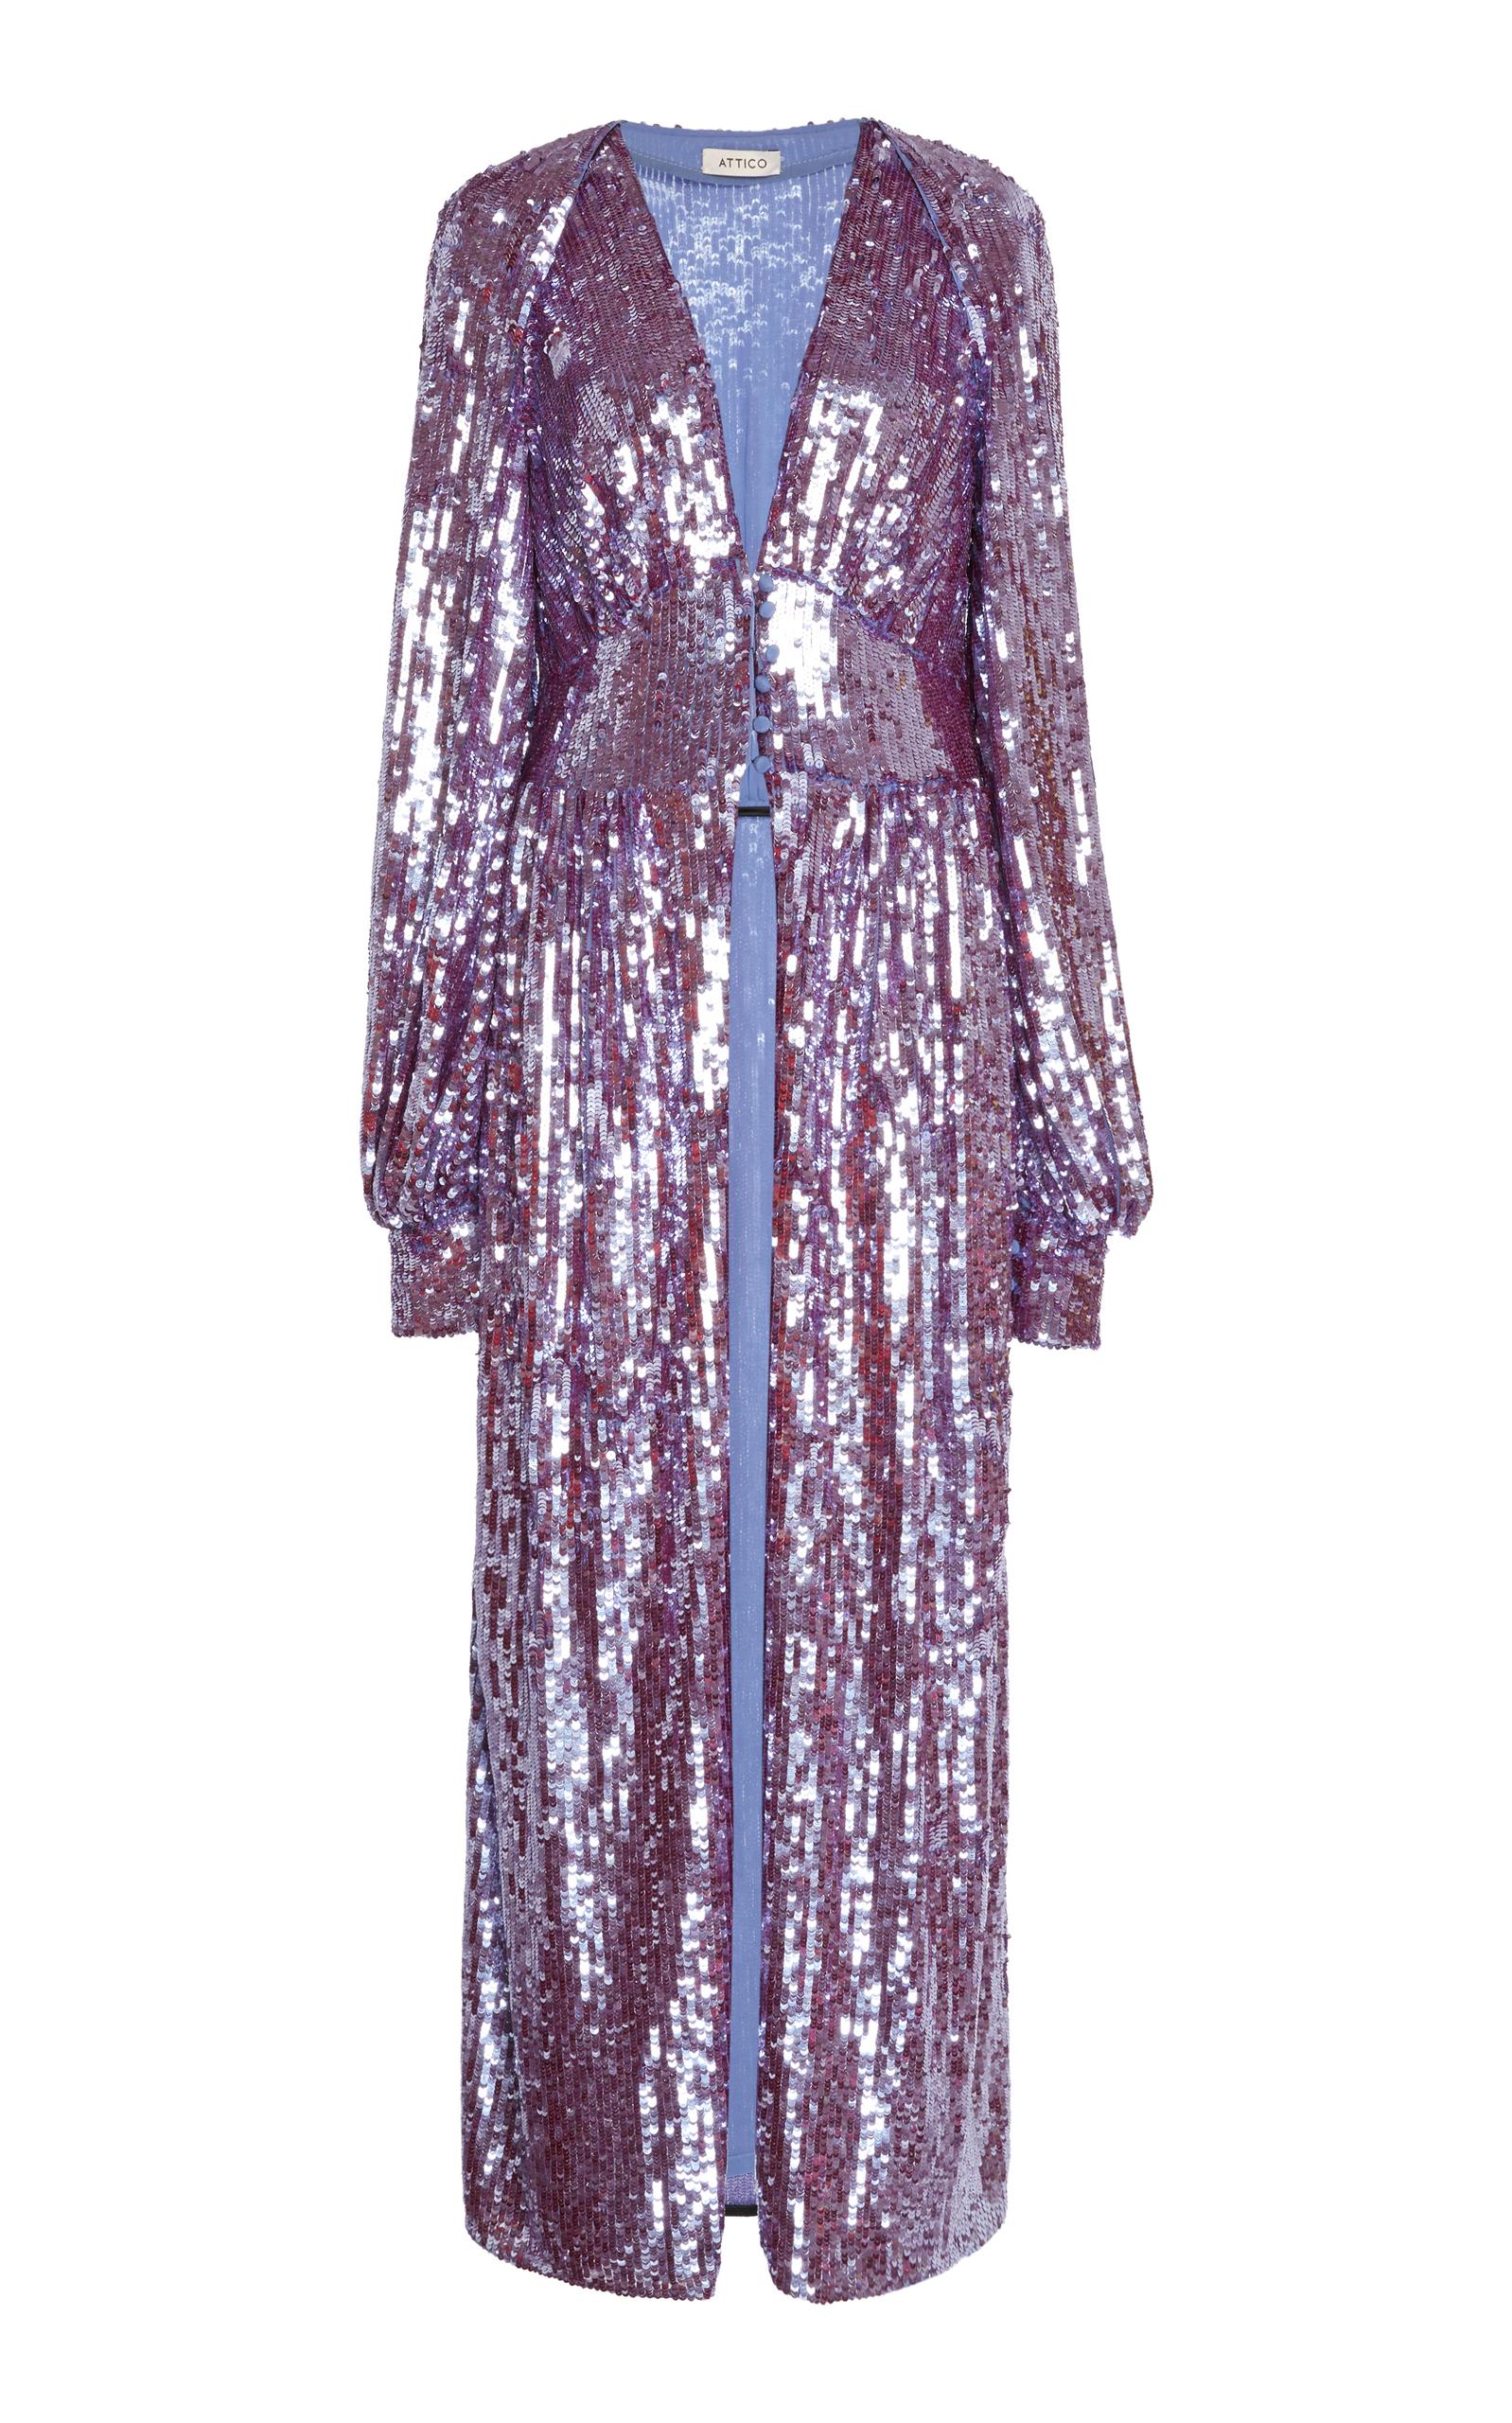 Long Sequin Dress by Attico | Moda Operandi